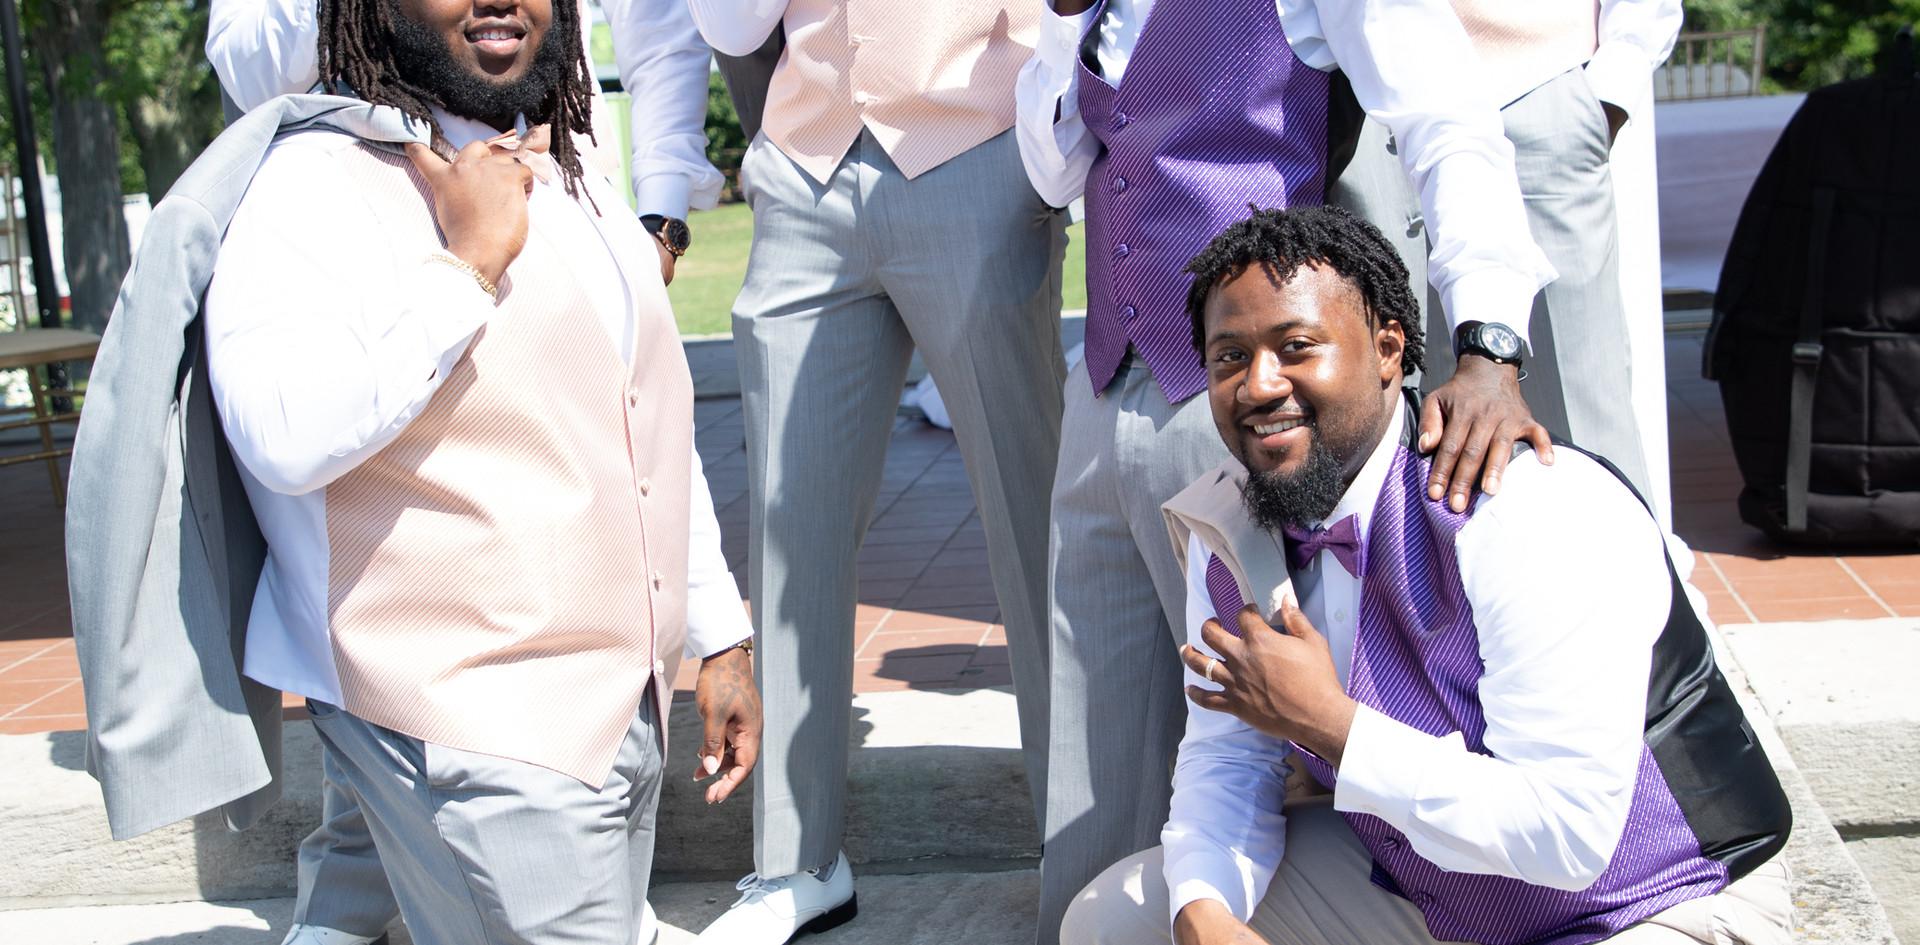 ju-bianca-wedding-242.jpg